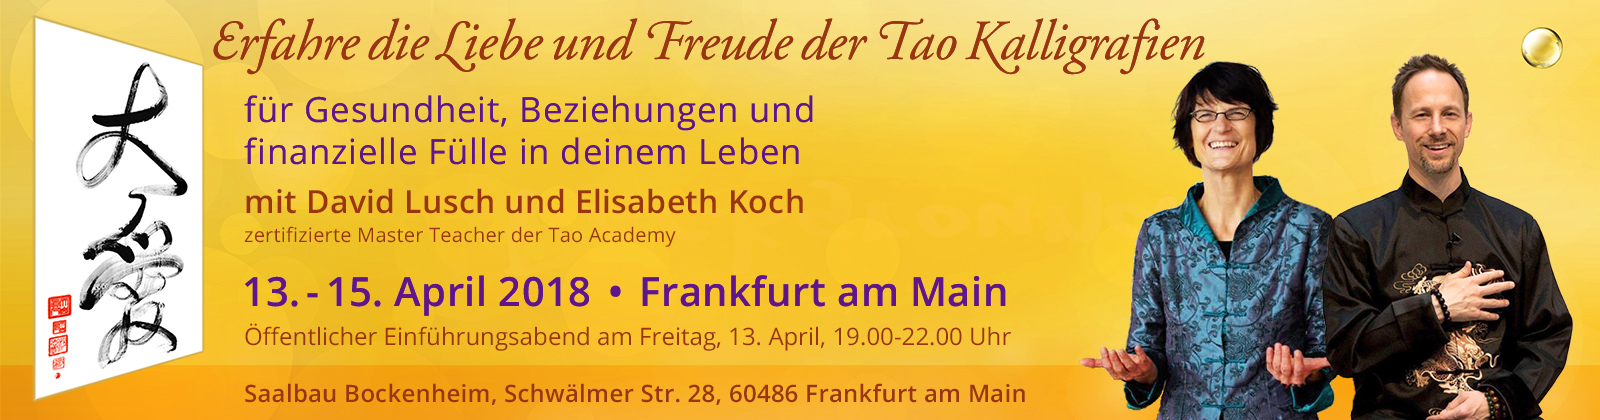 Erfahre die Liebe und Freude der Tao Kalligrafien für Gesundheit, Beziehungen und finanzielle Fülle in deinem Leben | Frankfurt am Main